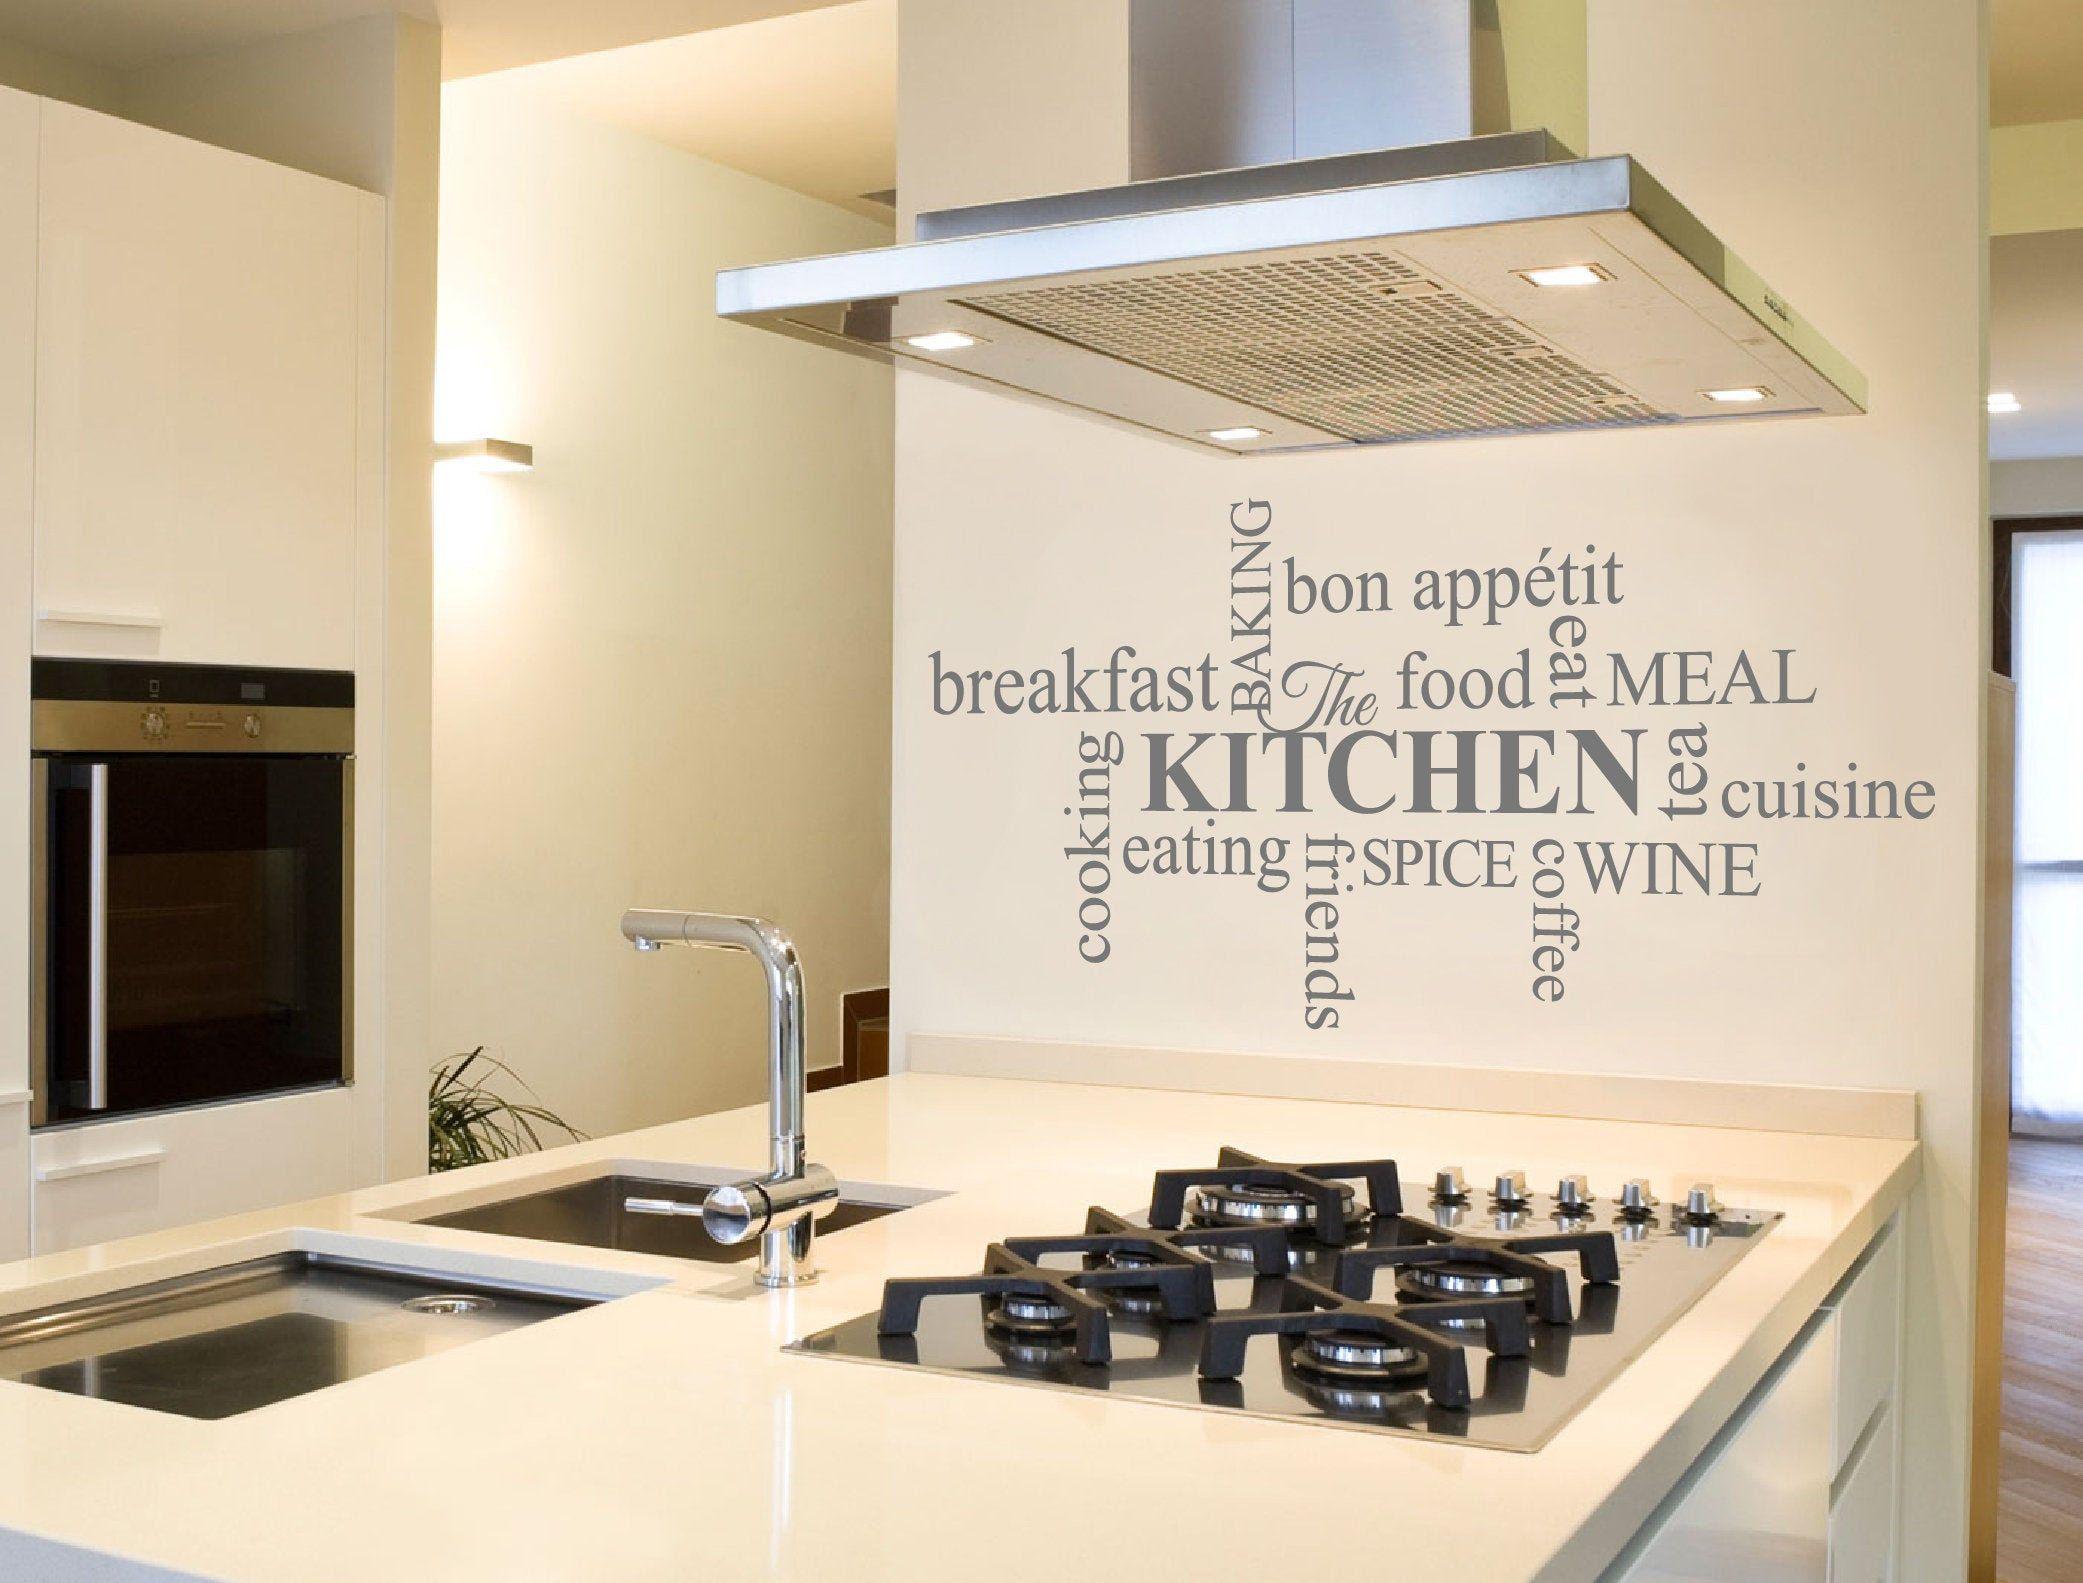 Kitchen Word Art Sticker Kitchen Wall Art Kitchen Decor Kitchen Decor Wall Kitchen Vinyl Decal Kitchen Word Decor Kitchen Wall Sticker Kitchen Decor Themes Kitchen Wall Decor Contemporary Kitchen Decor